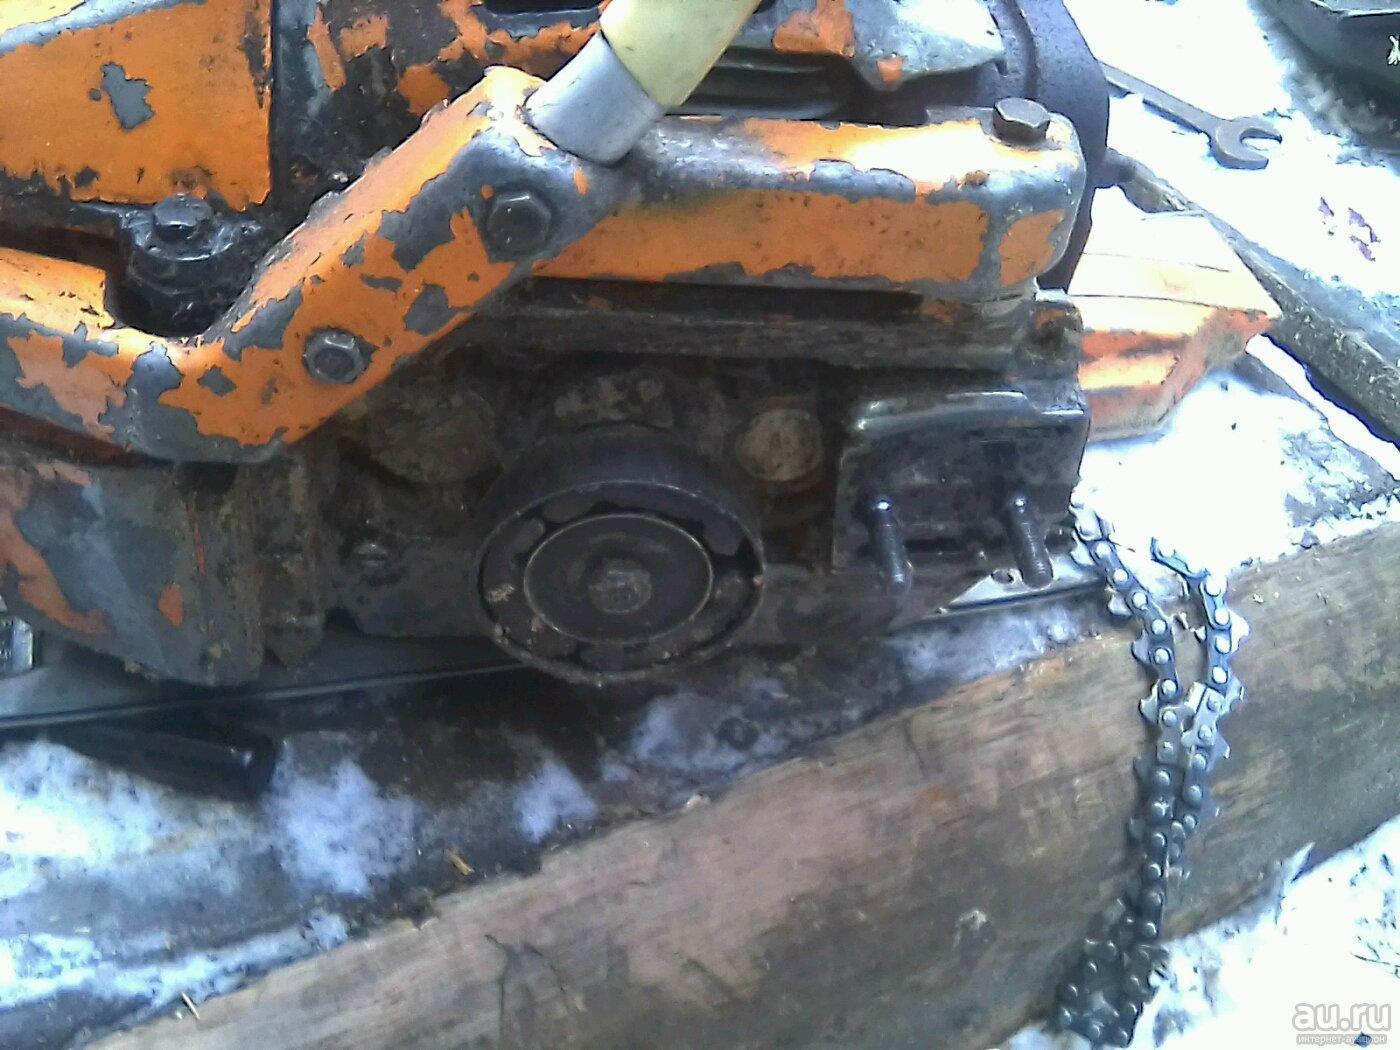 Бензопила тайга 245 ремонт своими руками - всё про трактора и спецтехнику